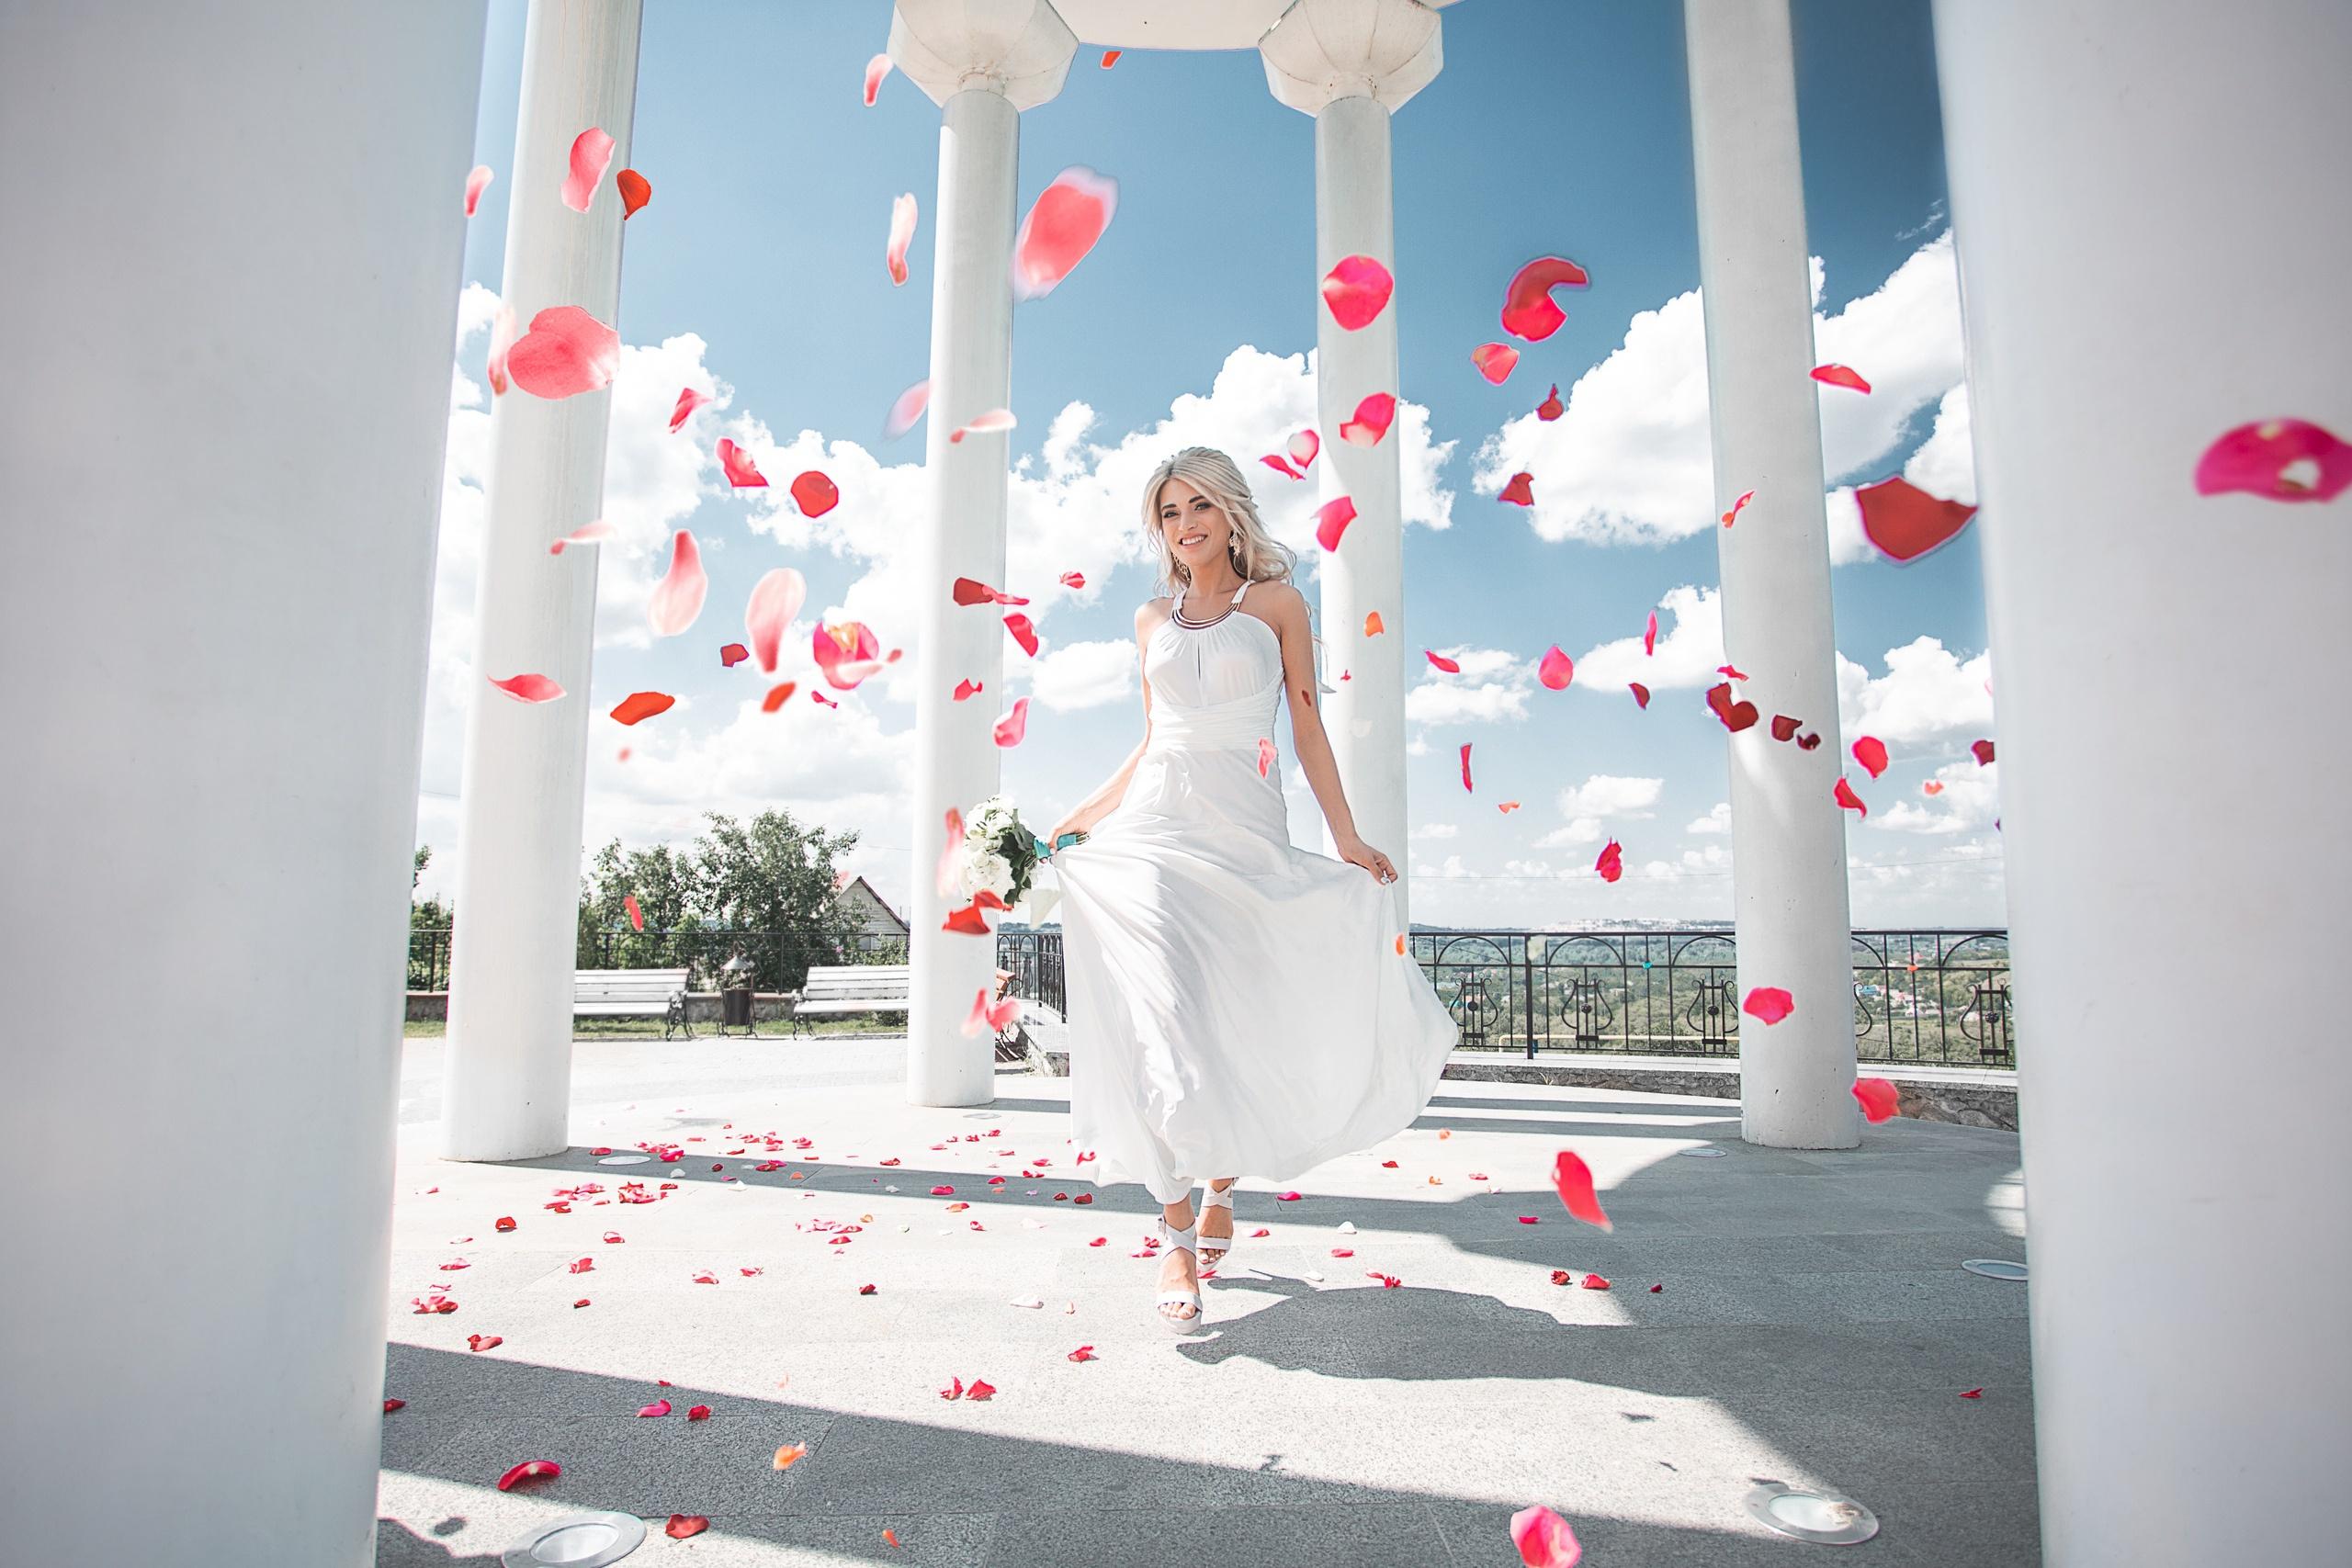 Фото колонны Maxim Tumanov Девушки Лепестки платья 2560x1707 Колонна девушка лепестков молодые женщины молодая женщина Платье